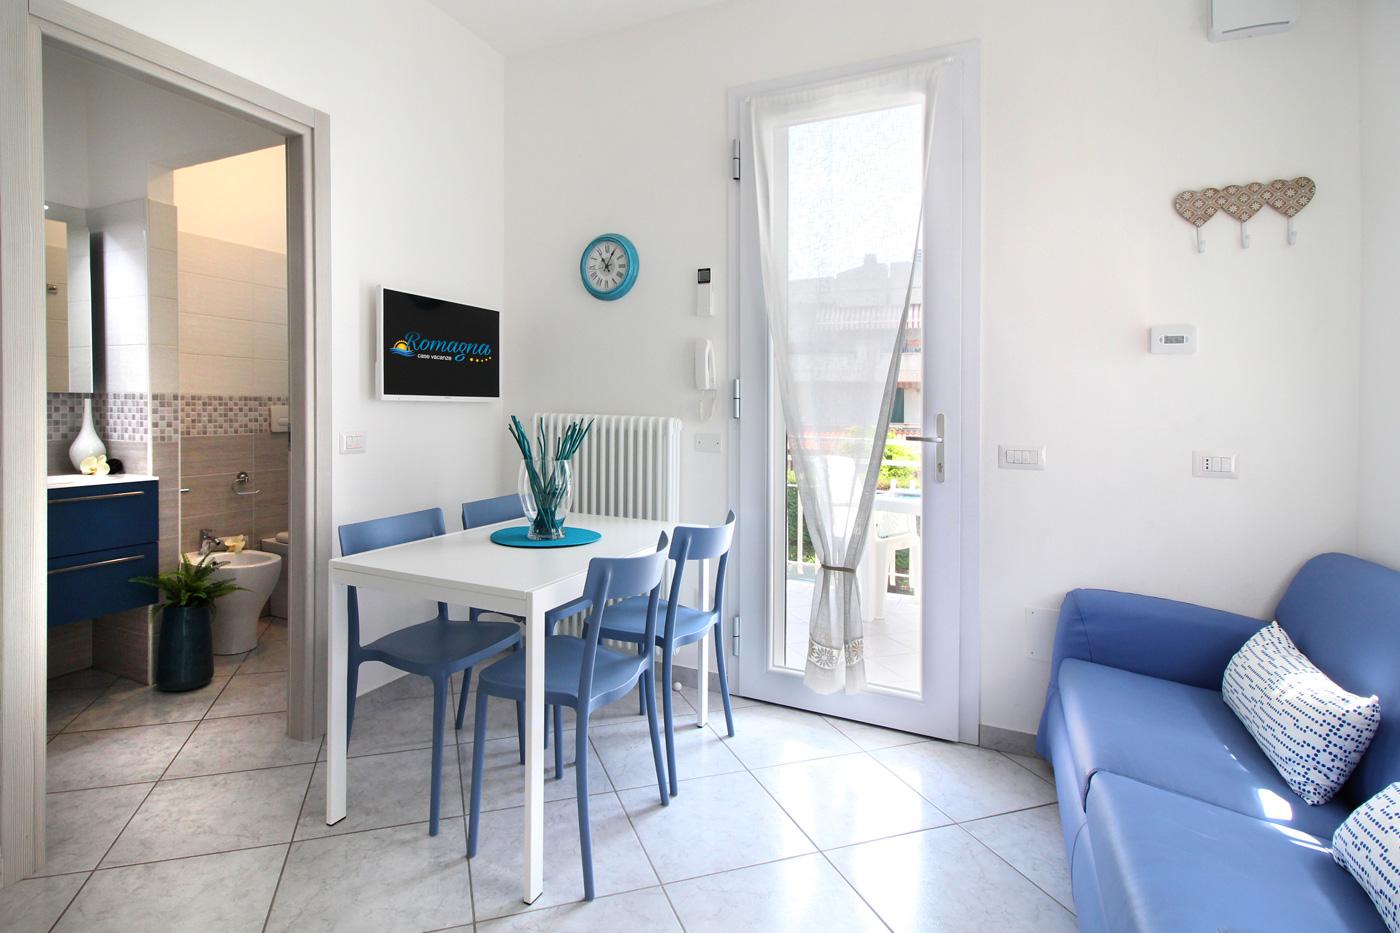 Appartamento sabrina romagna case vacanze-IMG_8699_2